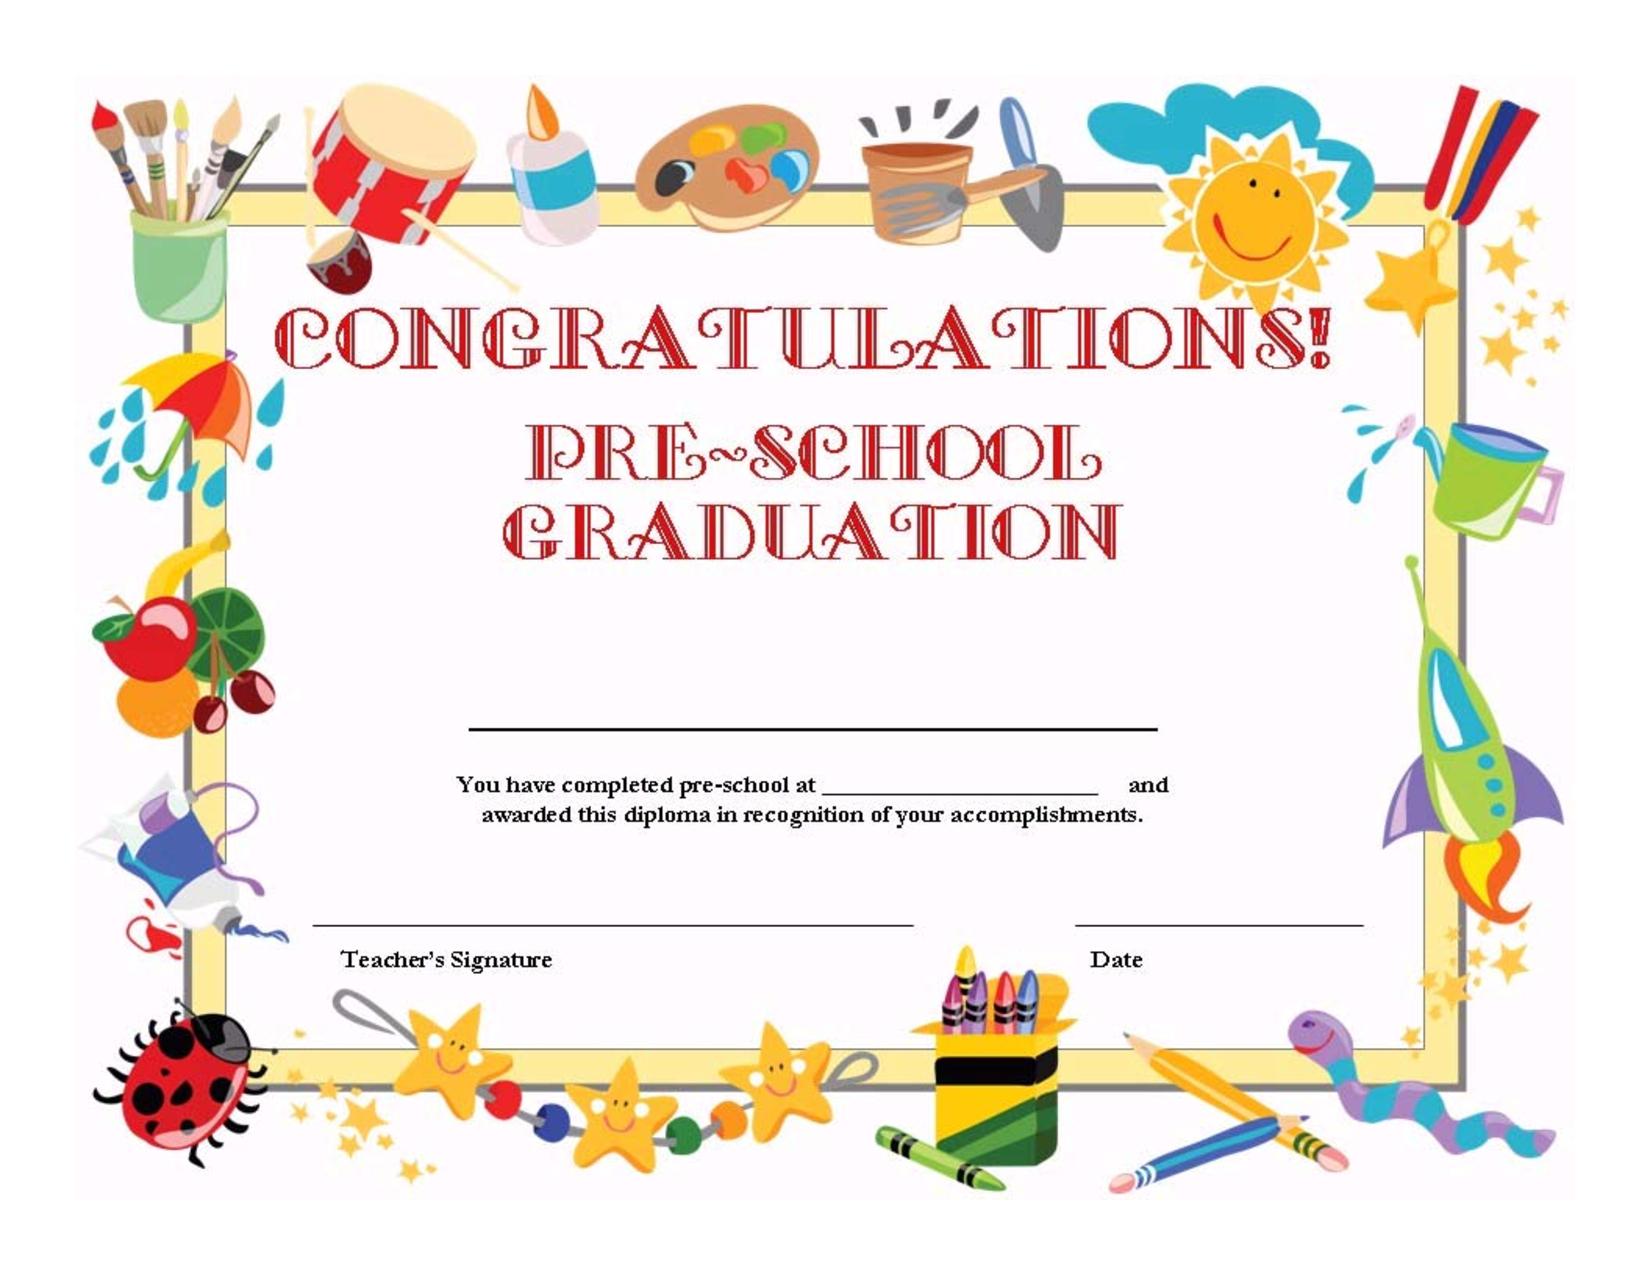 Preschool Graduation Certificate Template Free   K1,2,3 Graduation - Free Printable Children's Certificates Templates